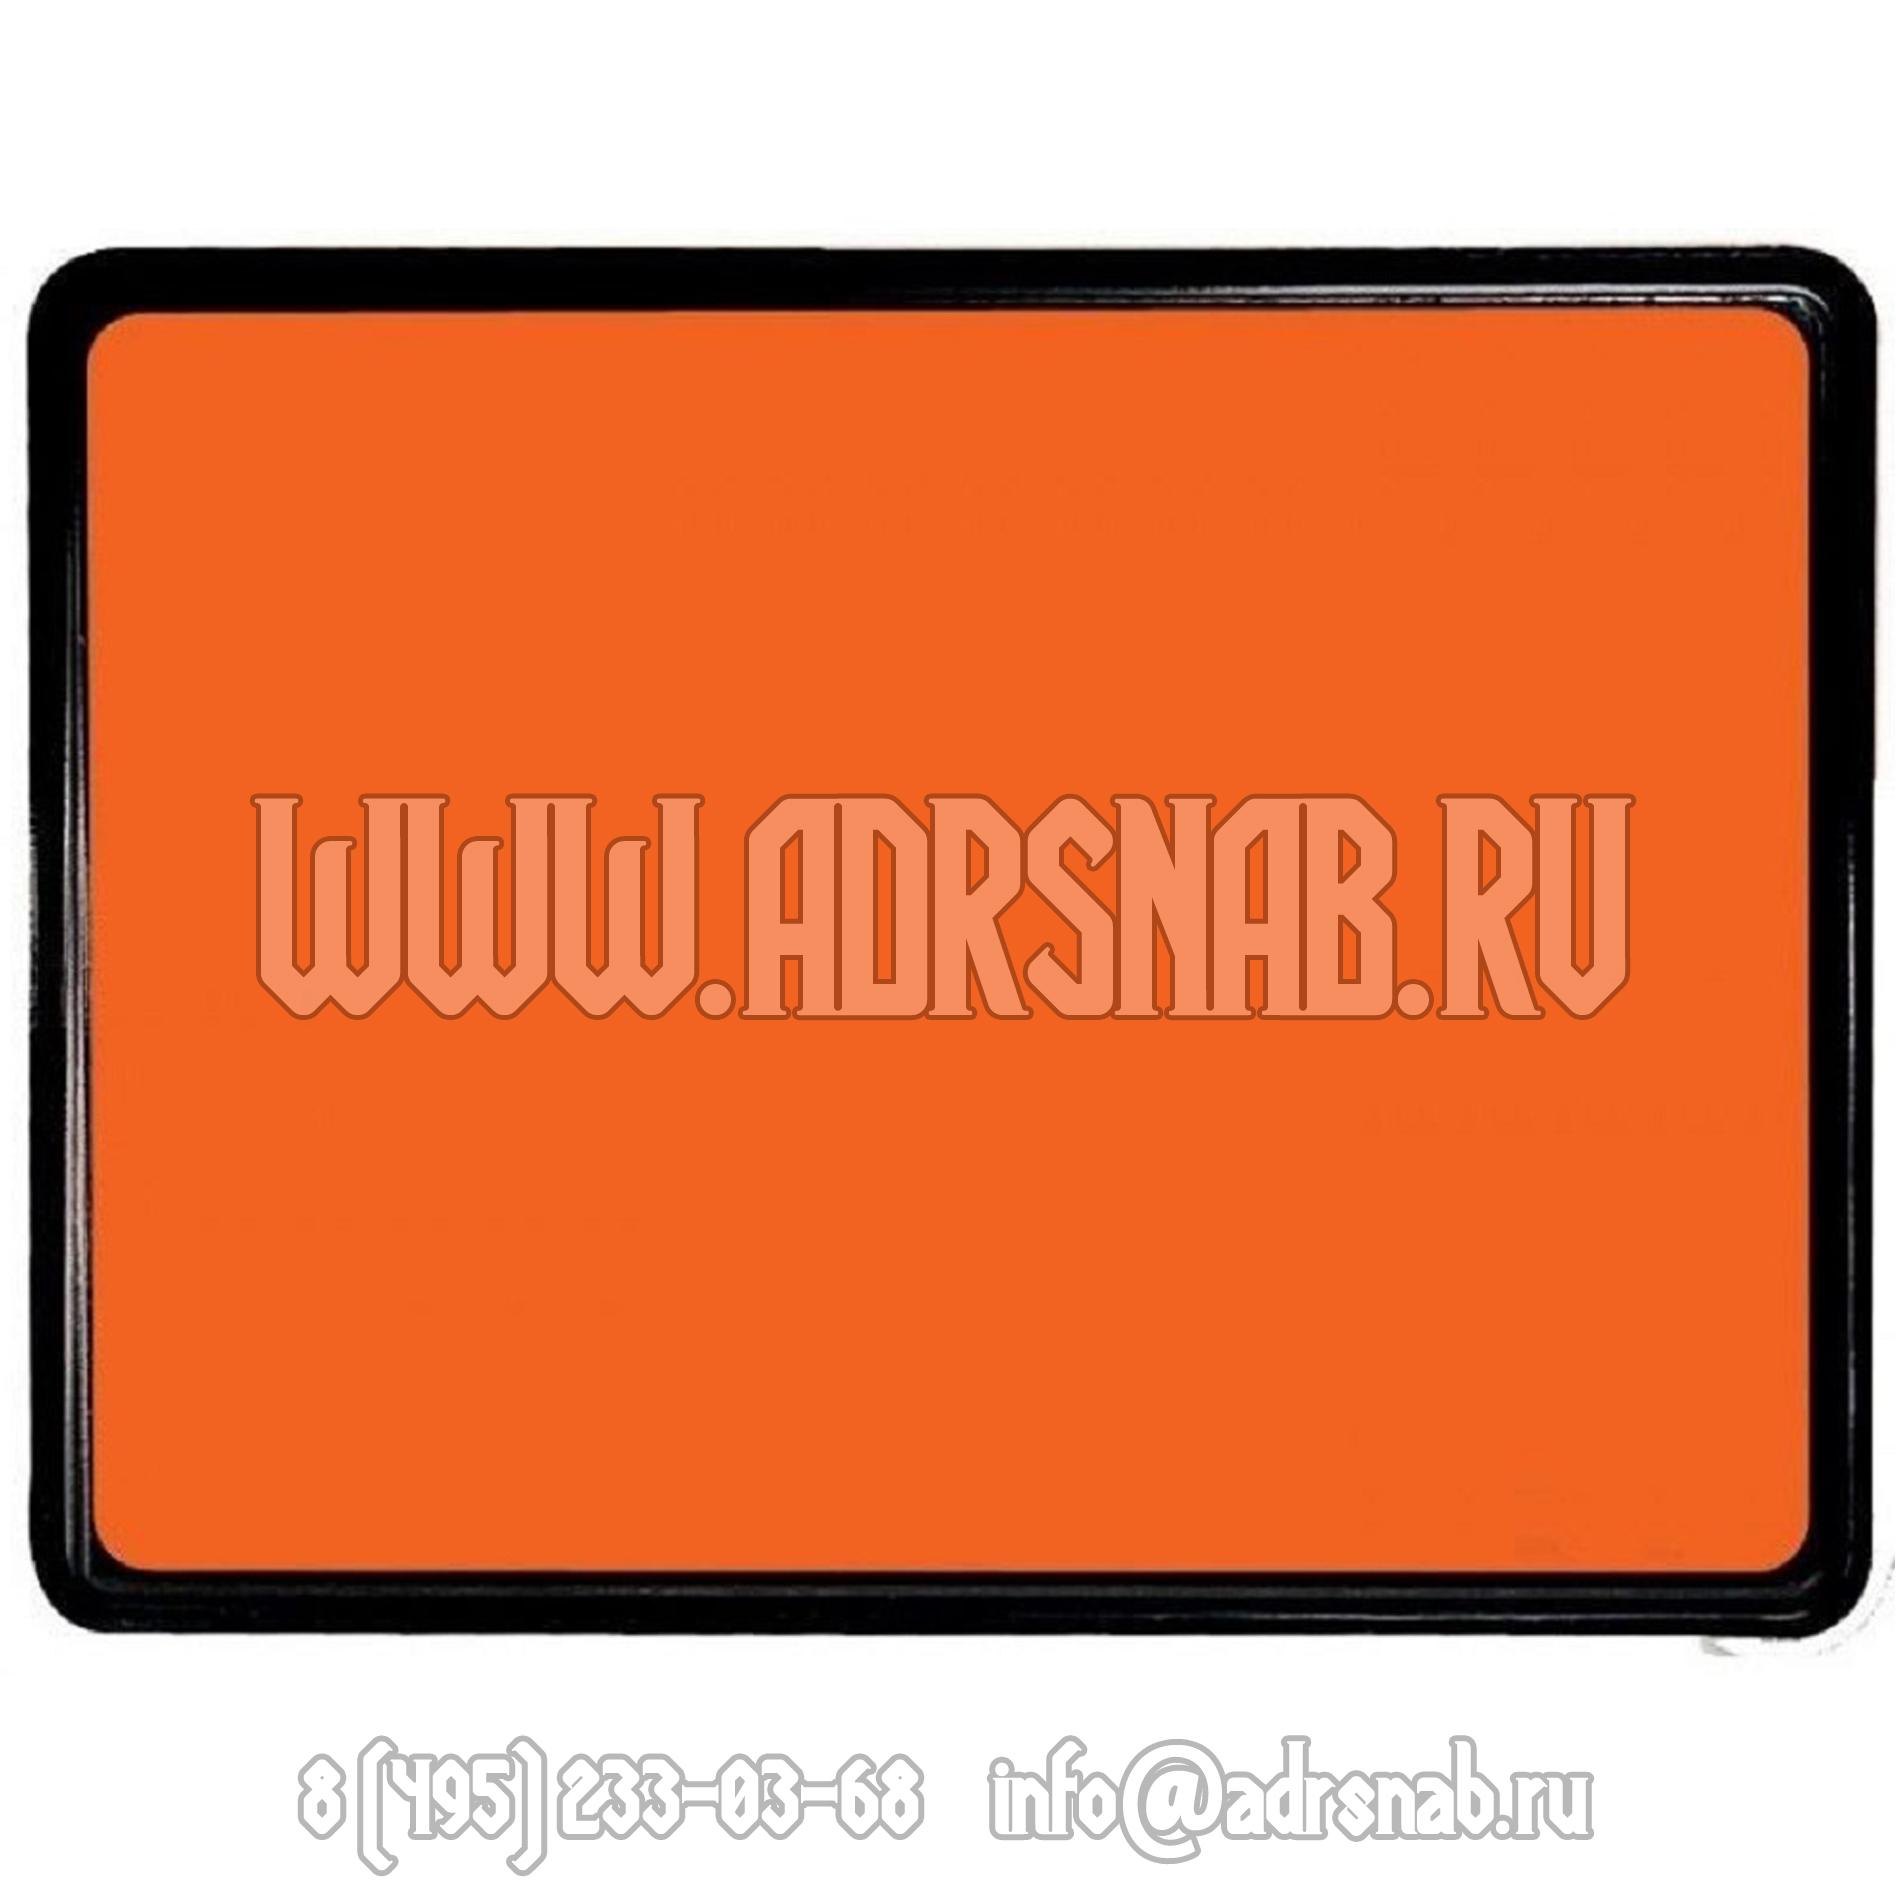 Табличка оранжевая нейтральная